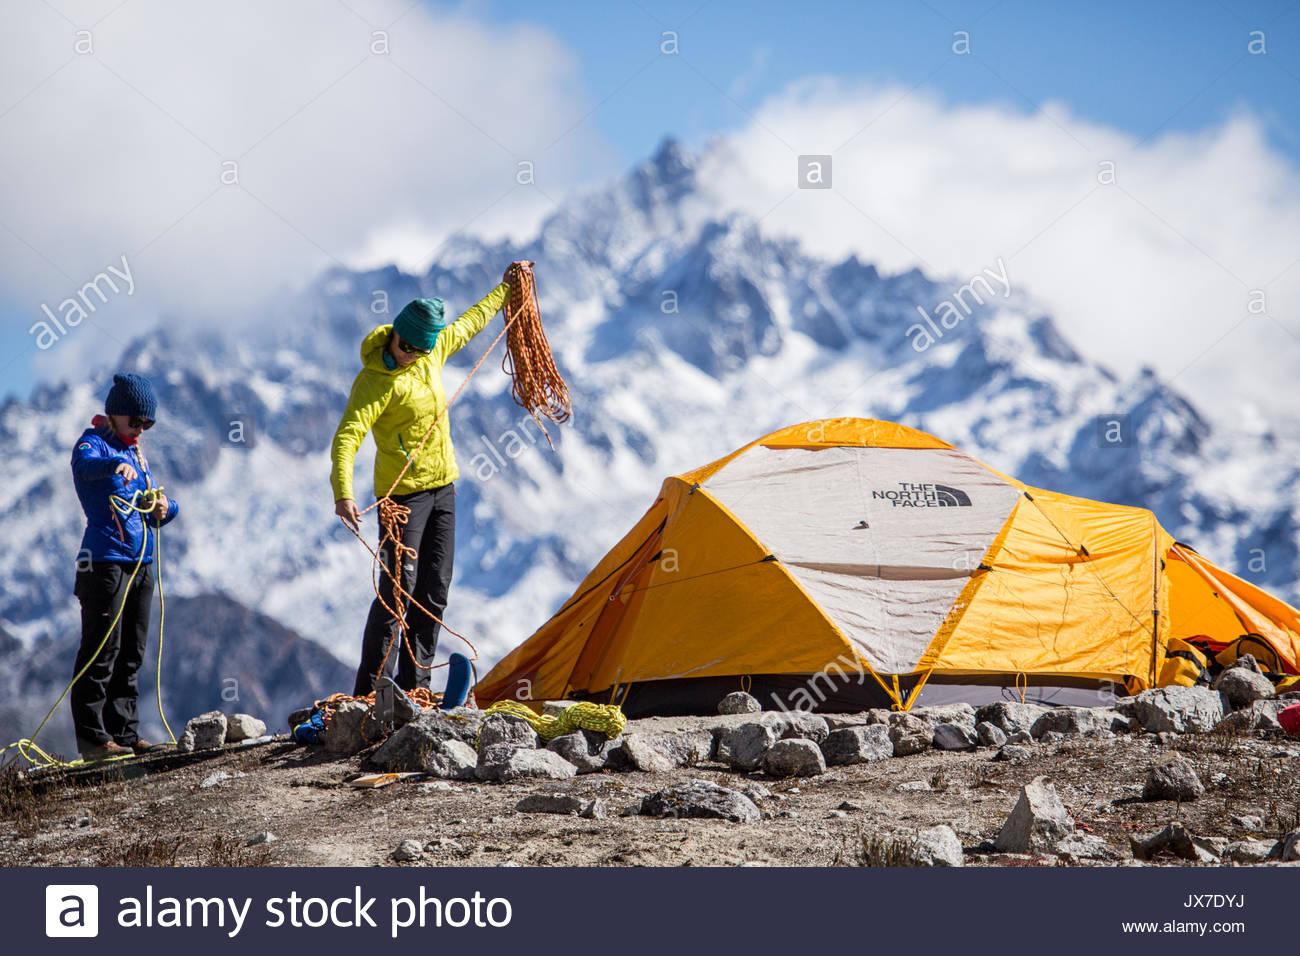 Expeditionsteilnehmer prüfen Kletterseilen und Gang vor der Einstellung auf einem Bergsteigen Expedition. Stockbild